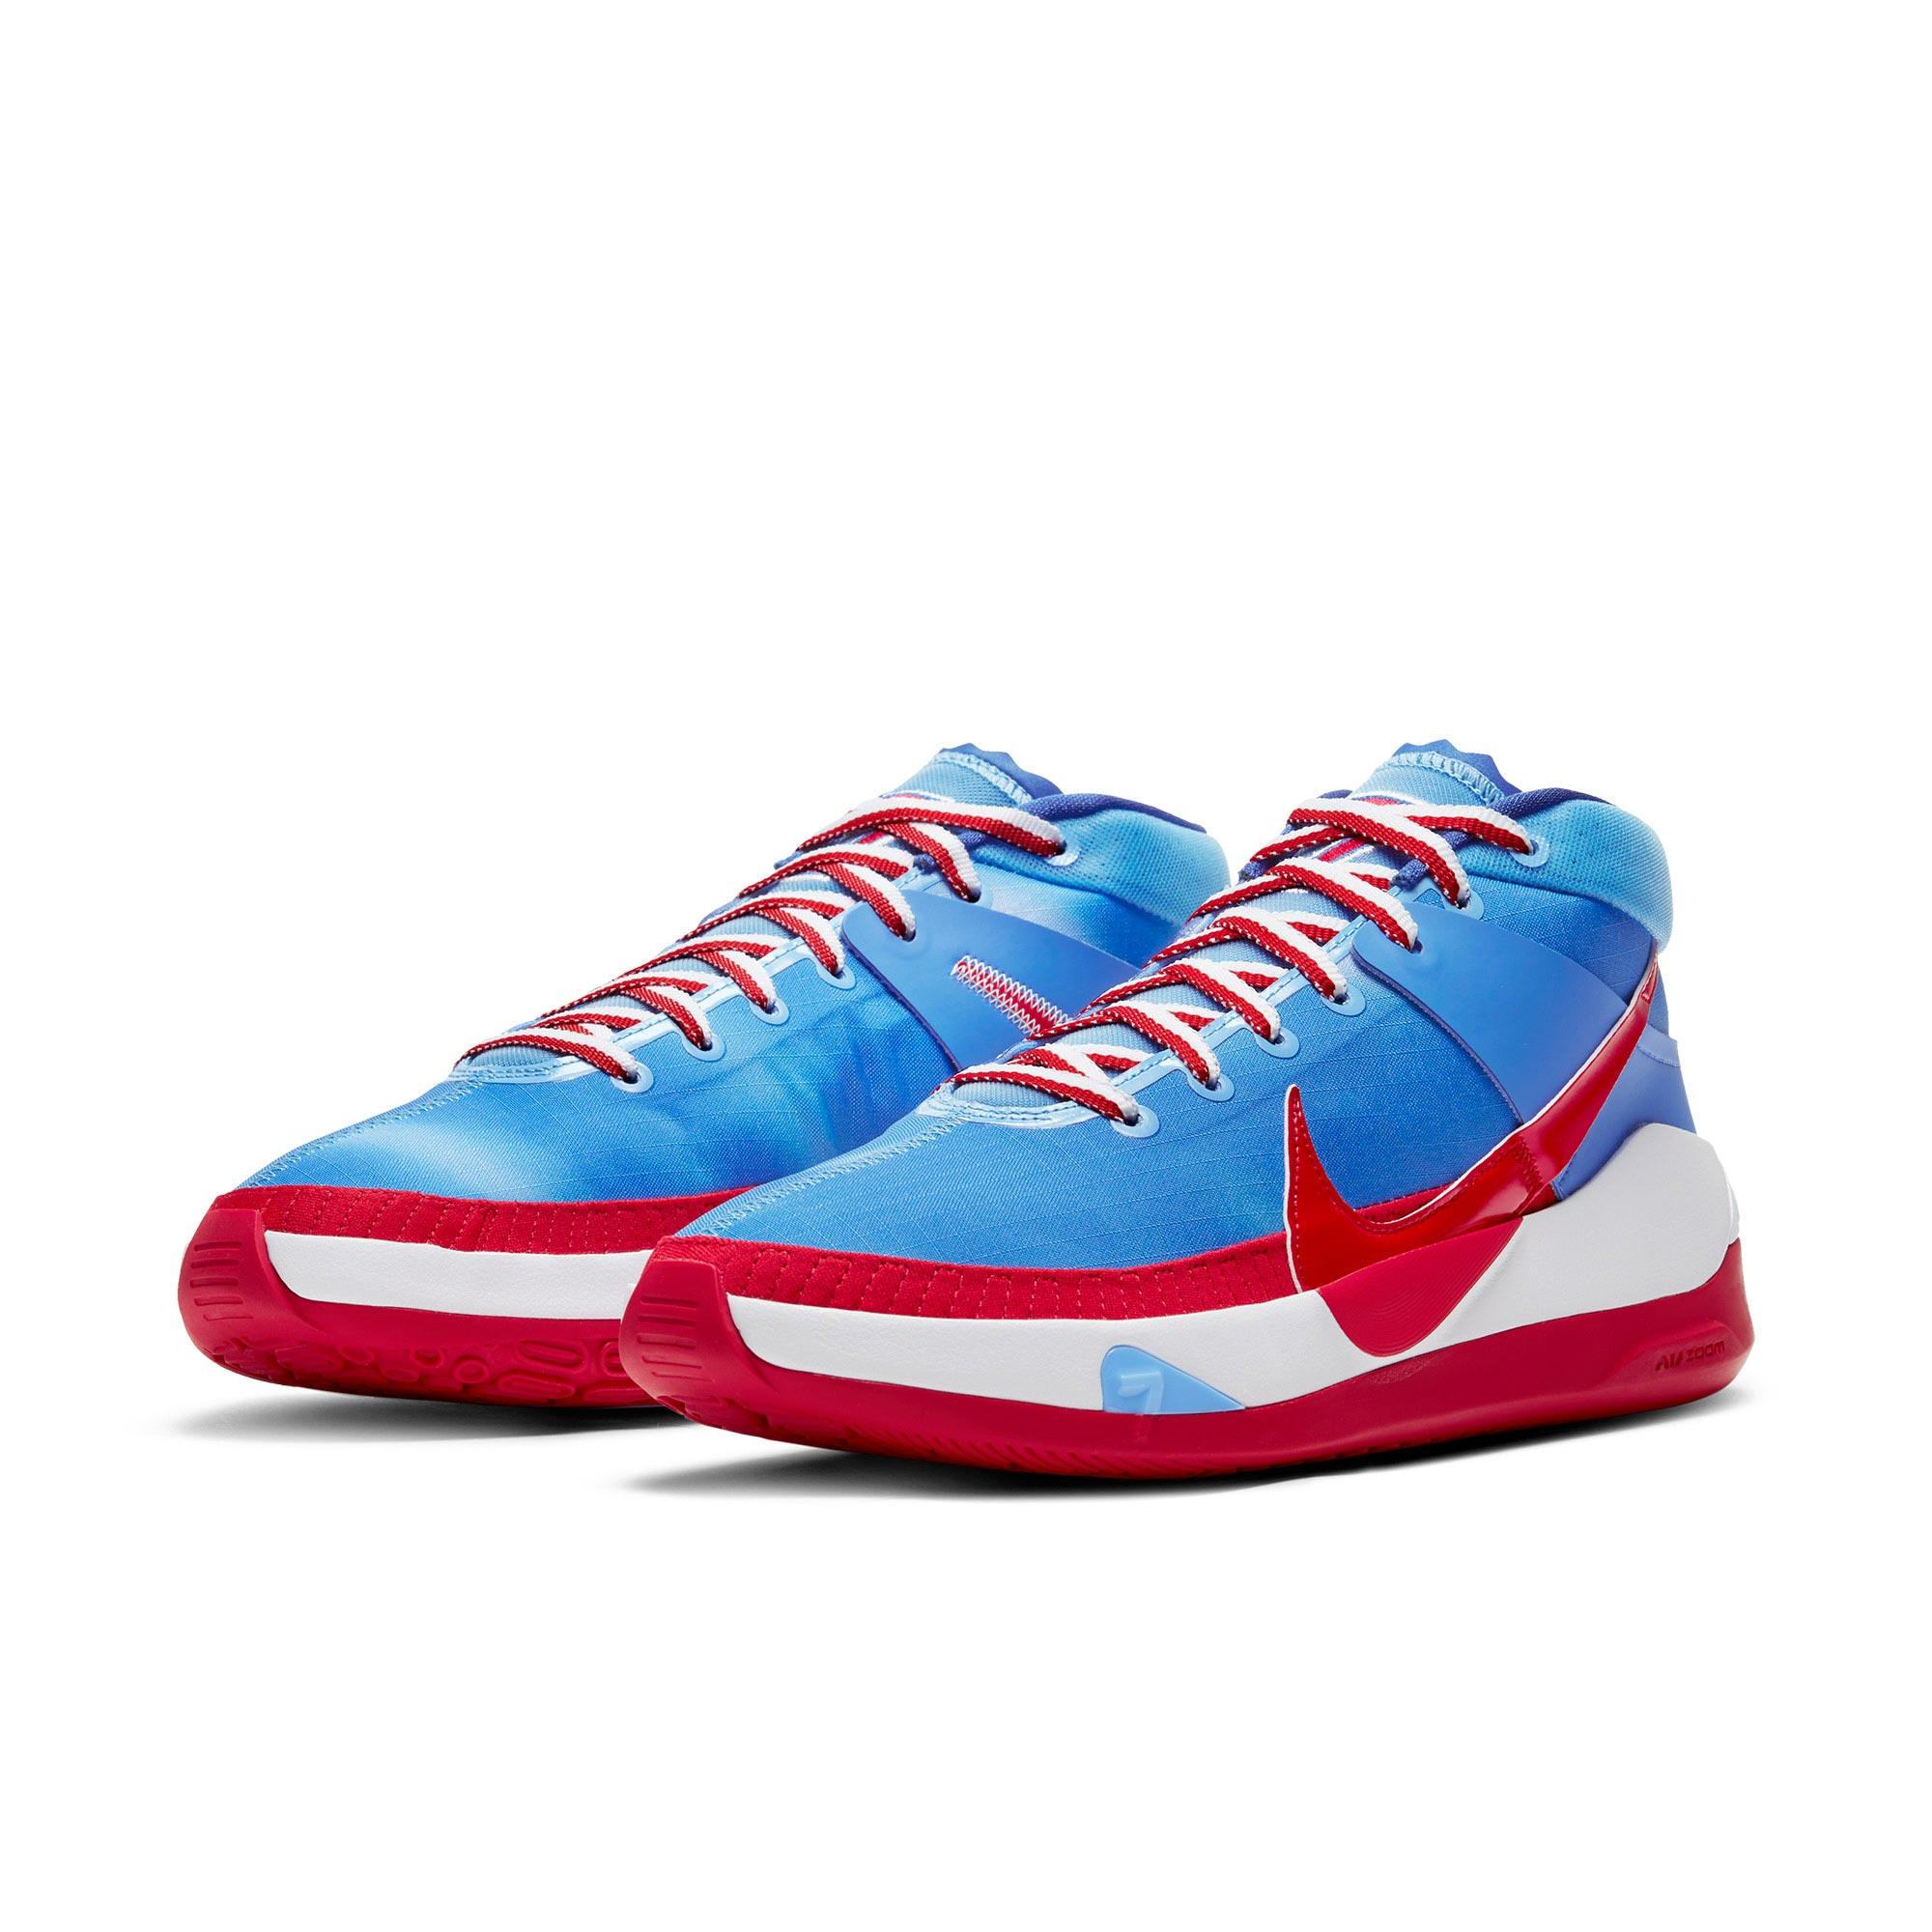 5日0点 : Nike 耐克 KD13 EP DC0007 男子篮球鞋